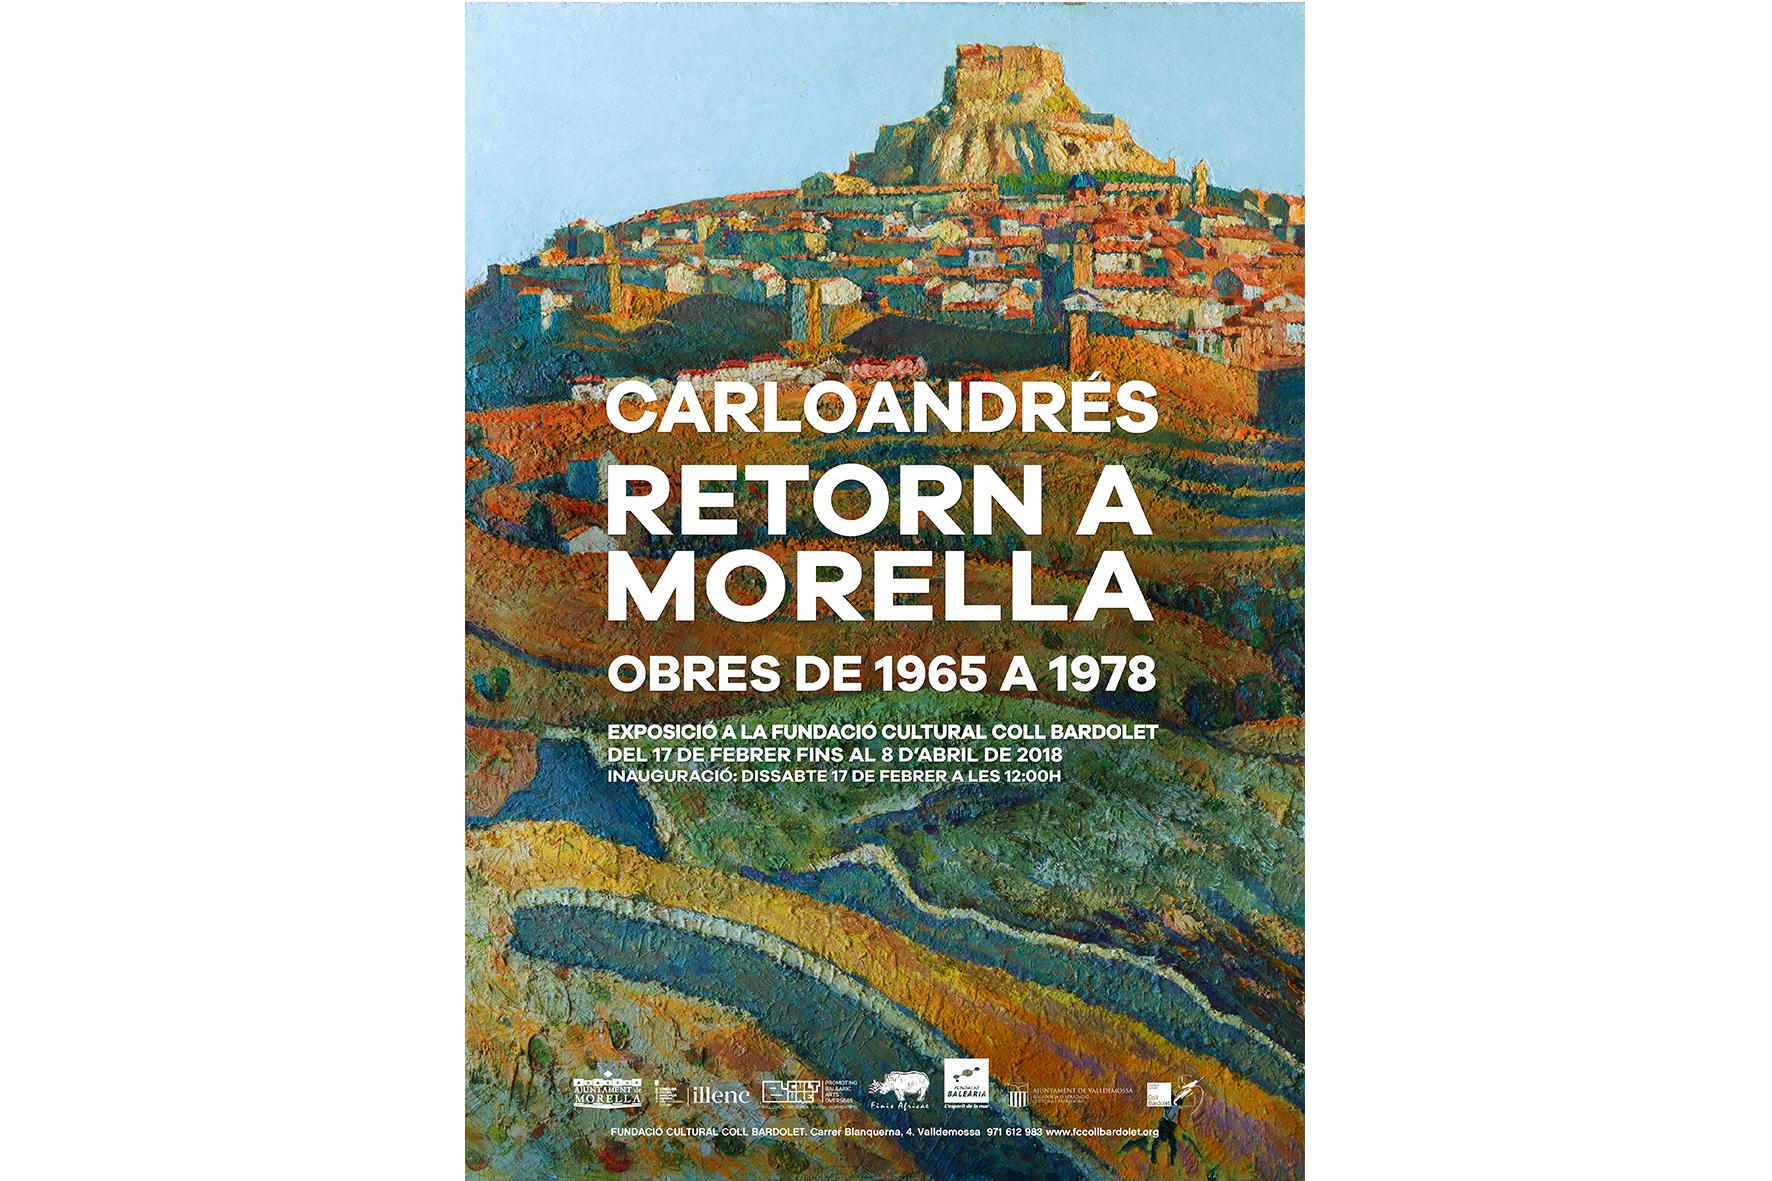 Cartell exposició Carloandrés Morella a Mallorca